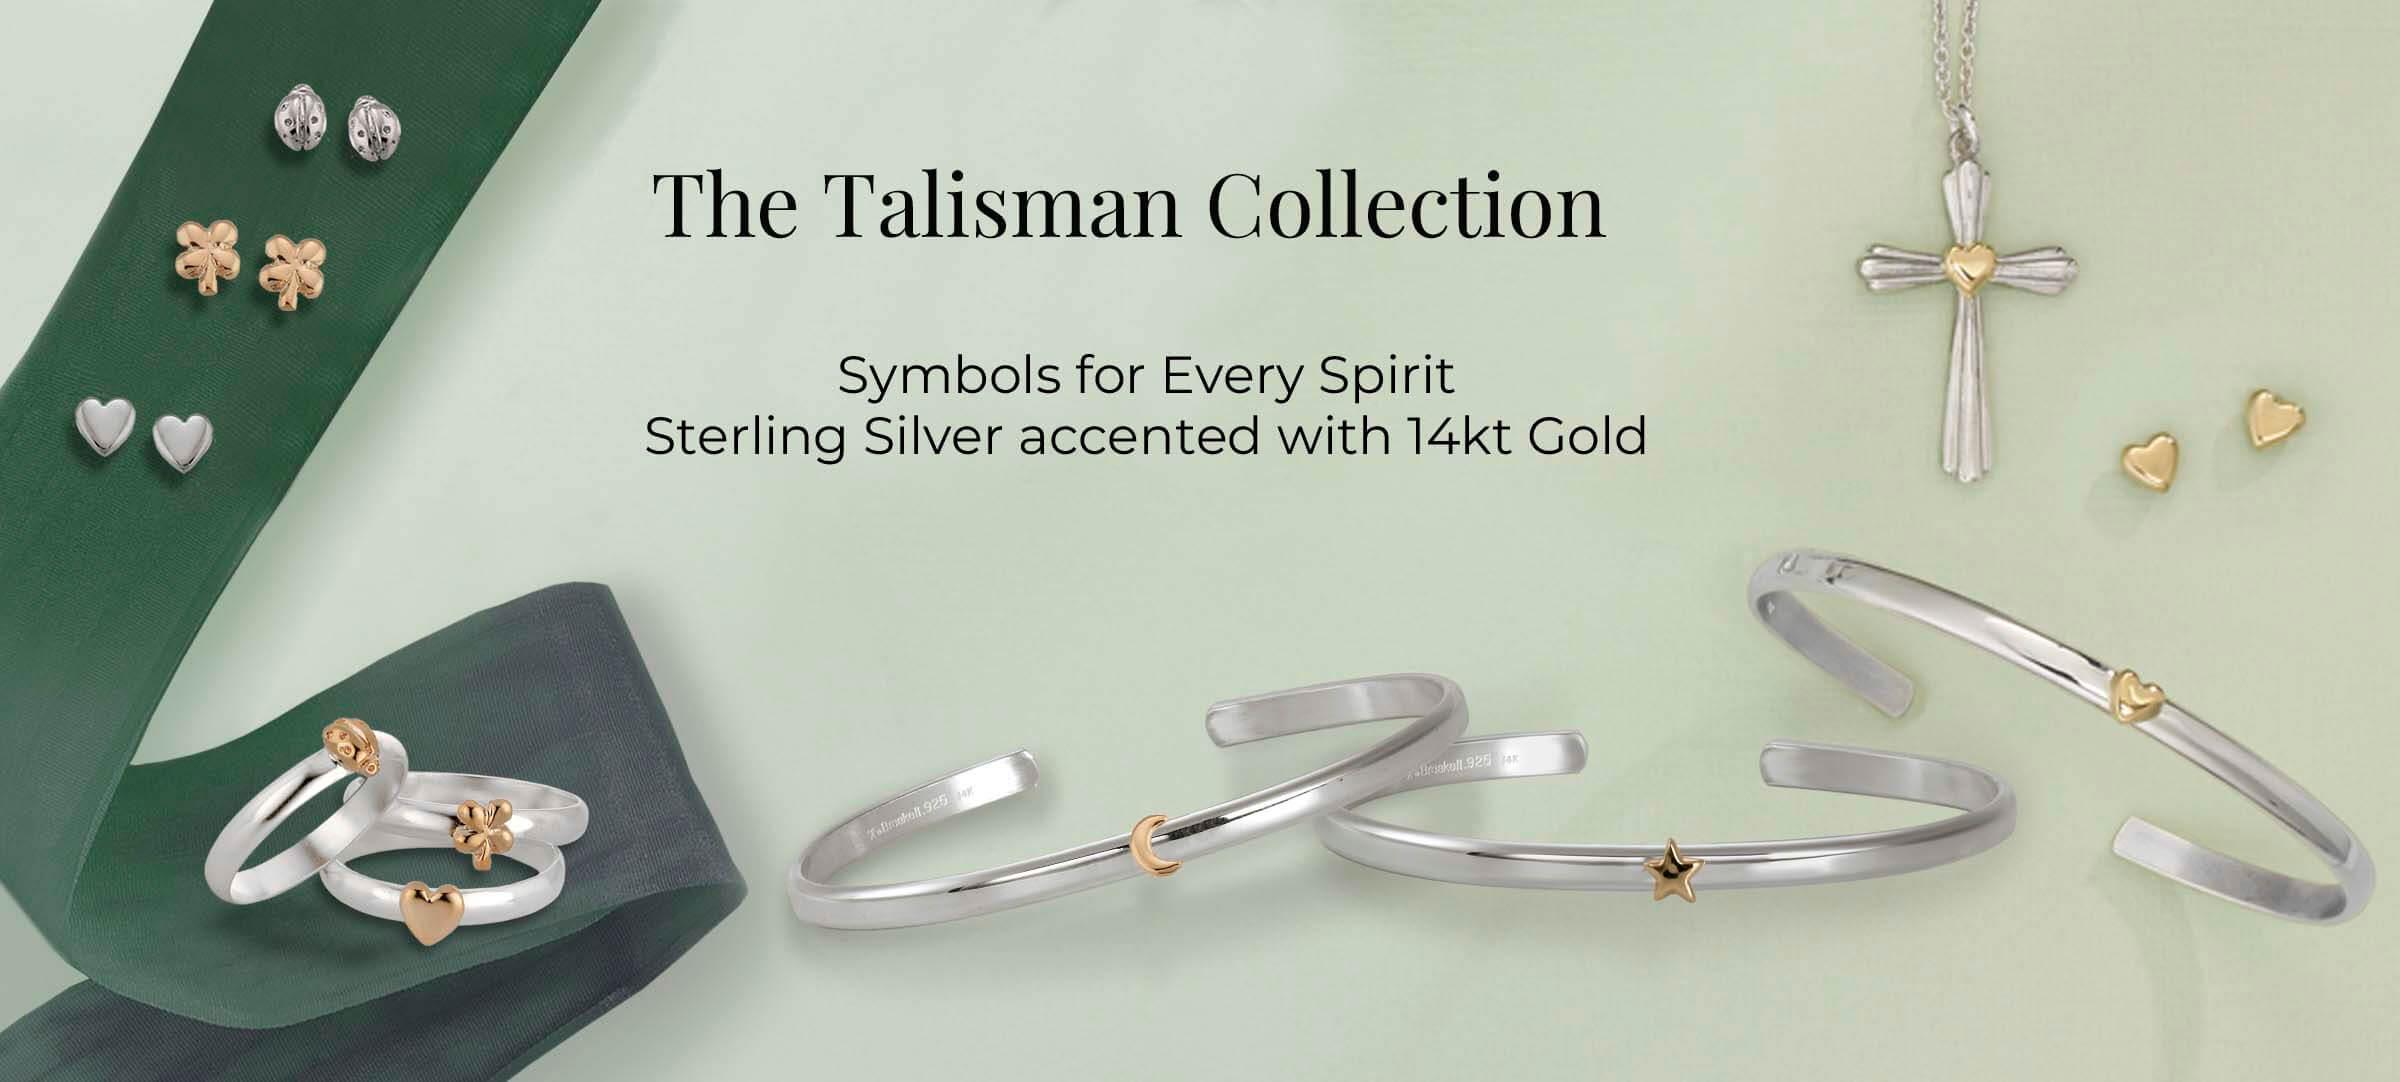 talisman-reduced.jpg